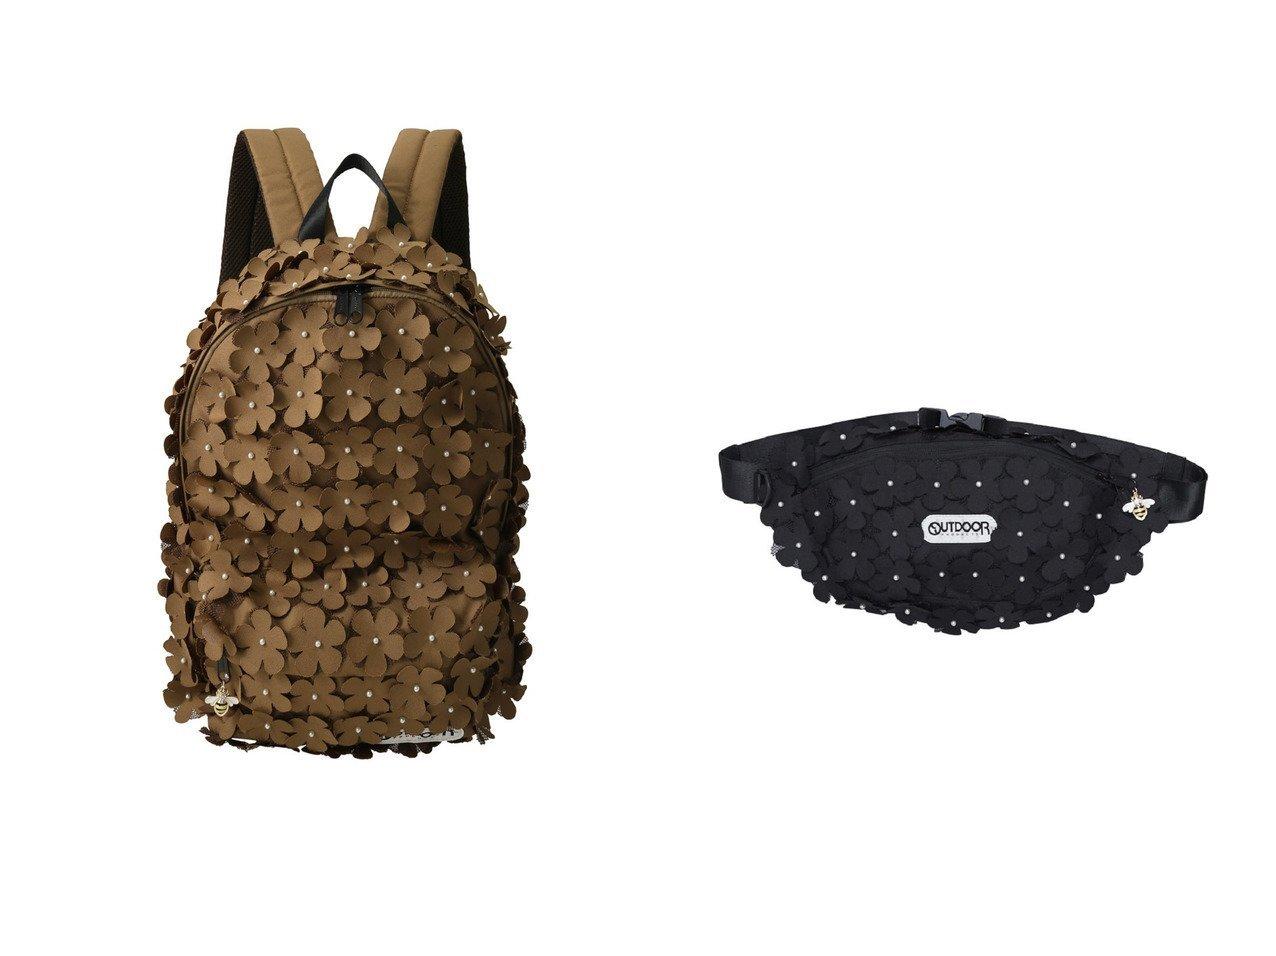 【MUVEIL/ミュベール】のOUTDOOR コラボウエストポーチ&OUTDOOR コラボリュック MUVEILのおすすめ!人気、トレンド・レディースファッションの通販 おすすめで人気の流行・トレンド、ファッションの通販商品 メンズファッション・キッズファッション・インテリア・家具・レディースファッション・服の通販 founy(ファニー) https://founy.com/ ファッション Fashion レディースファッション WOMEN ポーチ Pouches バッグ Bag 2021年 2021 2021 春夏 S/S SS Spring/Summer 2021 S/S 春夏 SS Spring/Summer ポーチ 春 Spring |ID:crp329100000019556